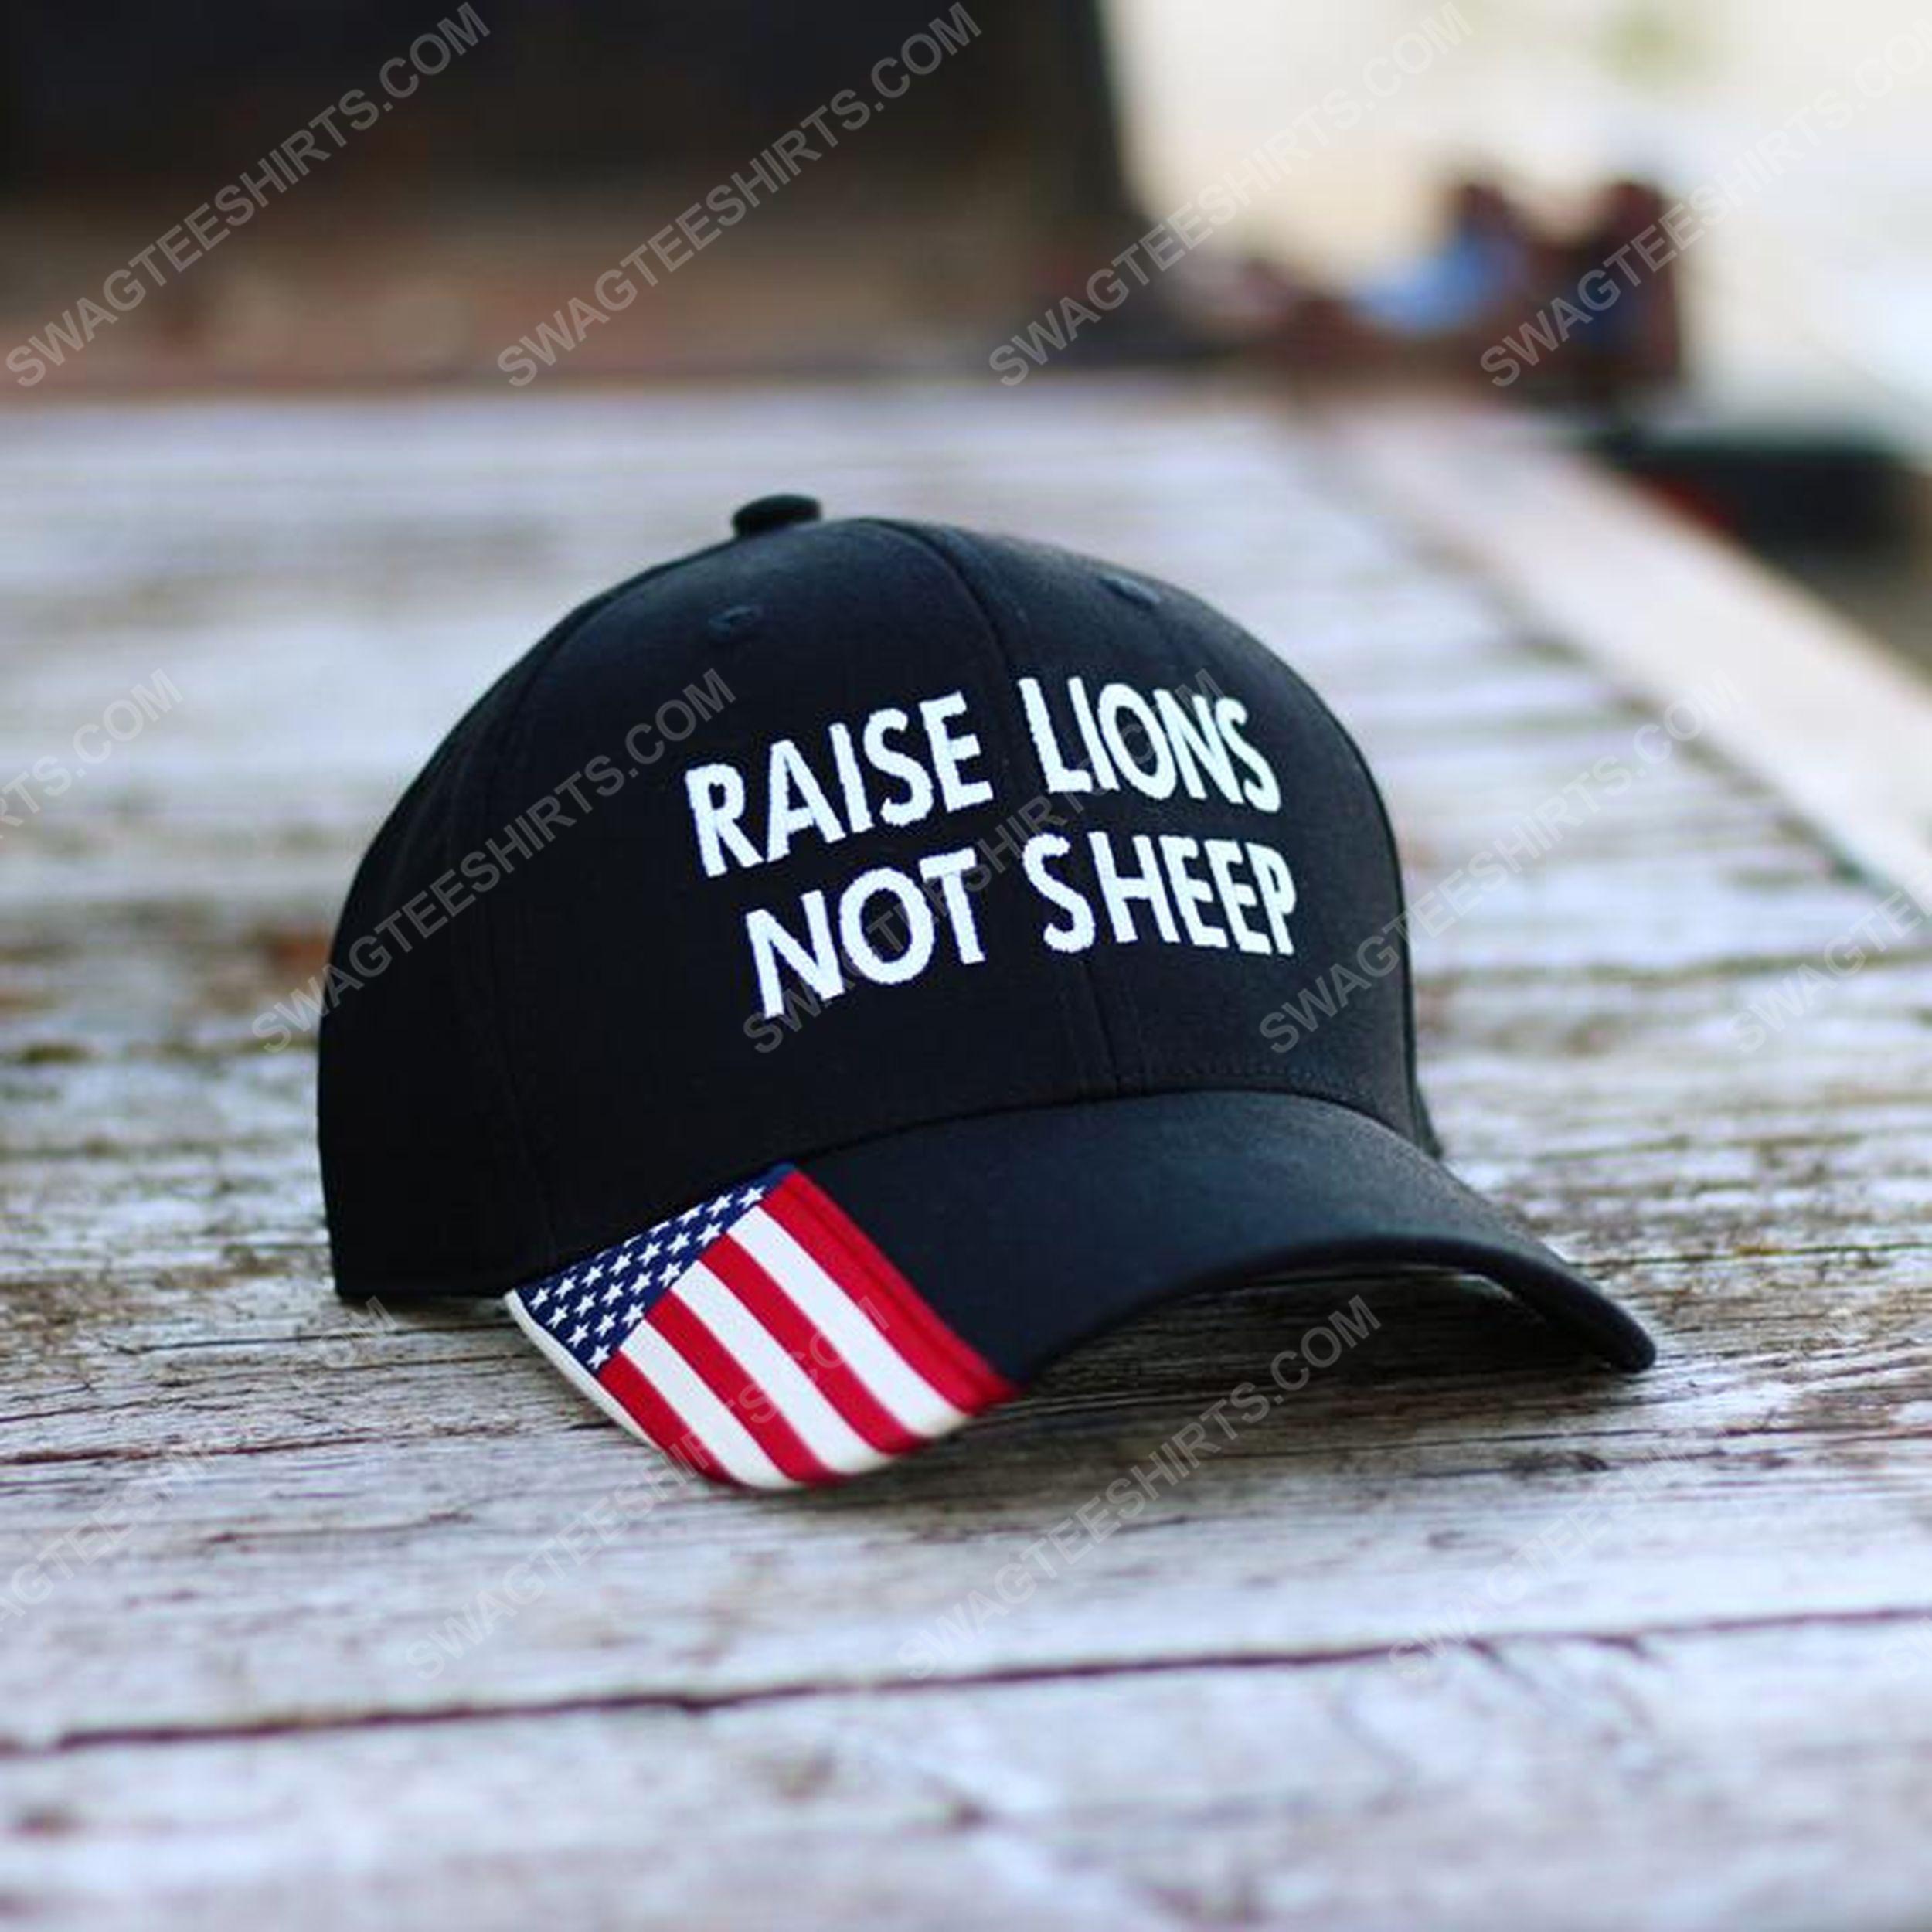 Raise lions not sheep full print classic hat 1 - Copy (3)